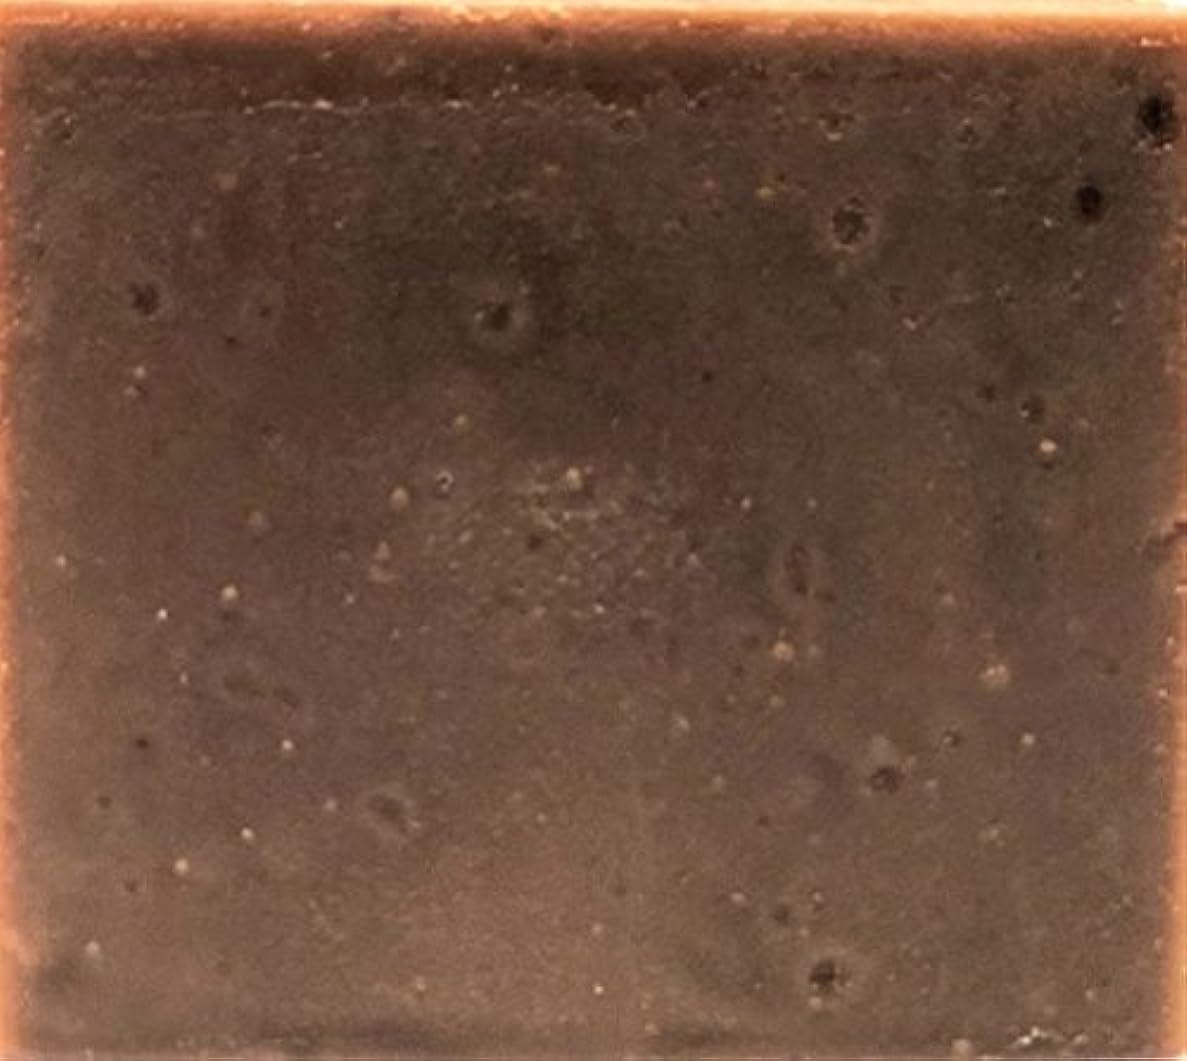 パイントロマンス夫篠山石鹸 ラベンダー 90g 自家製ハーブを使い、コールドプロセス製法で作った手作り石けん